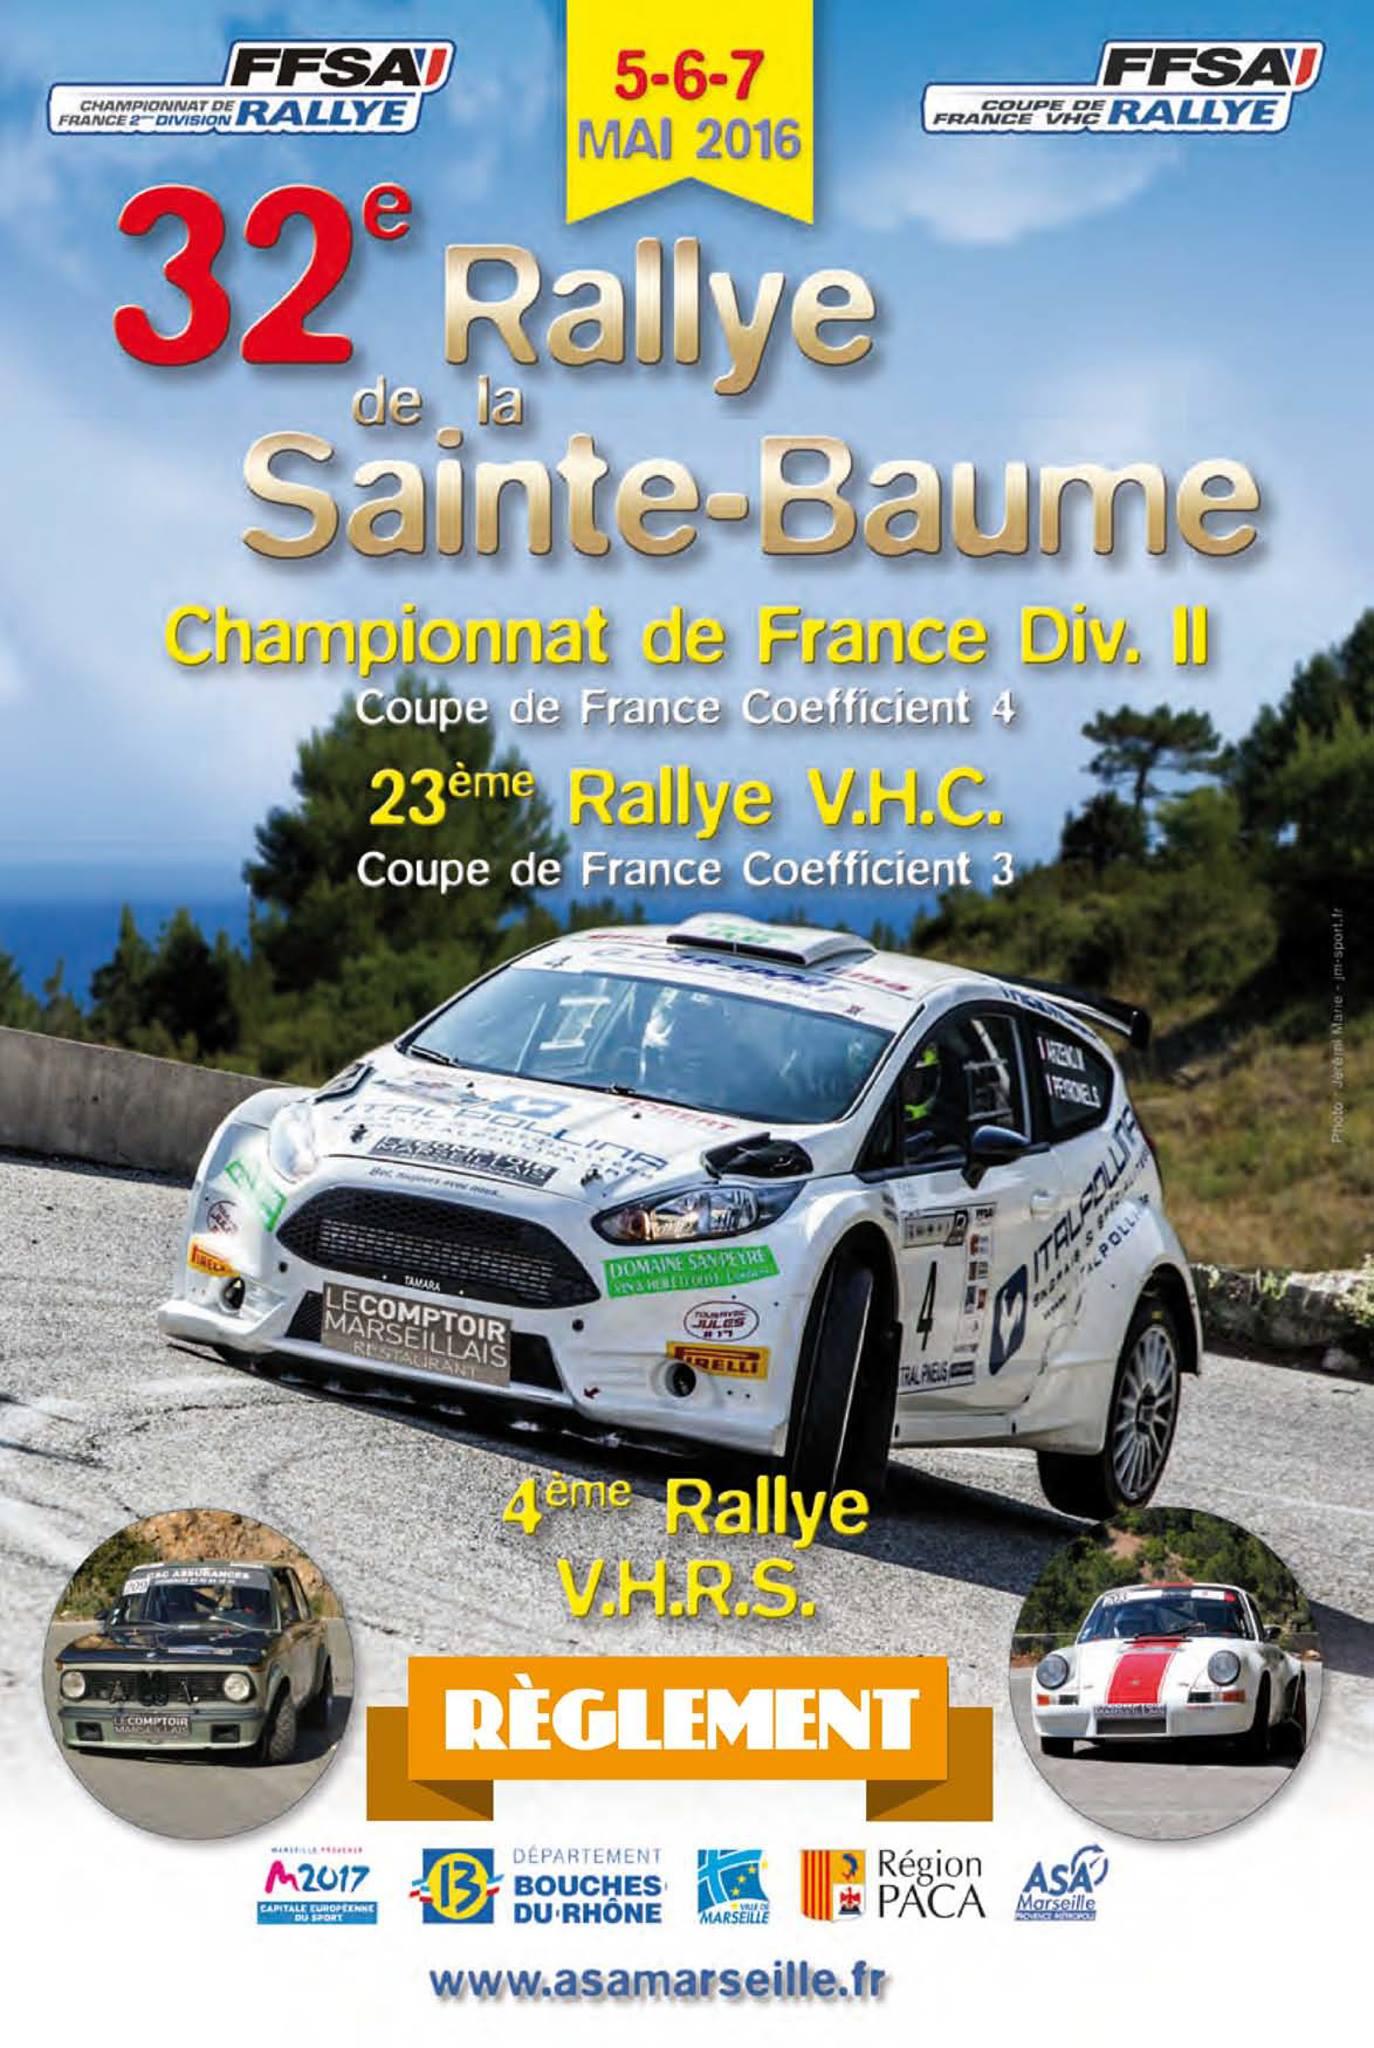 affiche du 32eme Rallye de la Sainte Baume